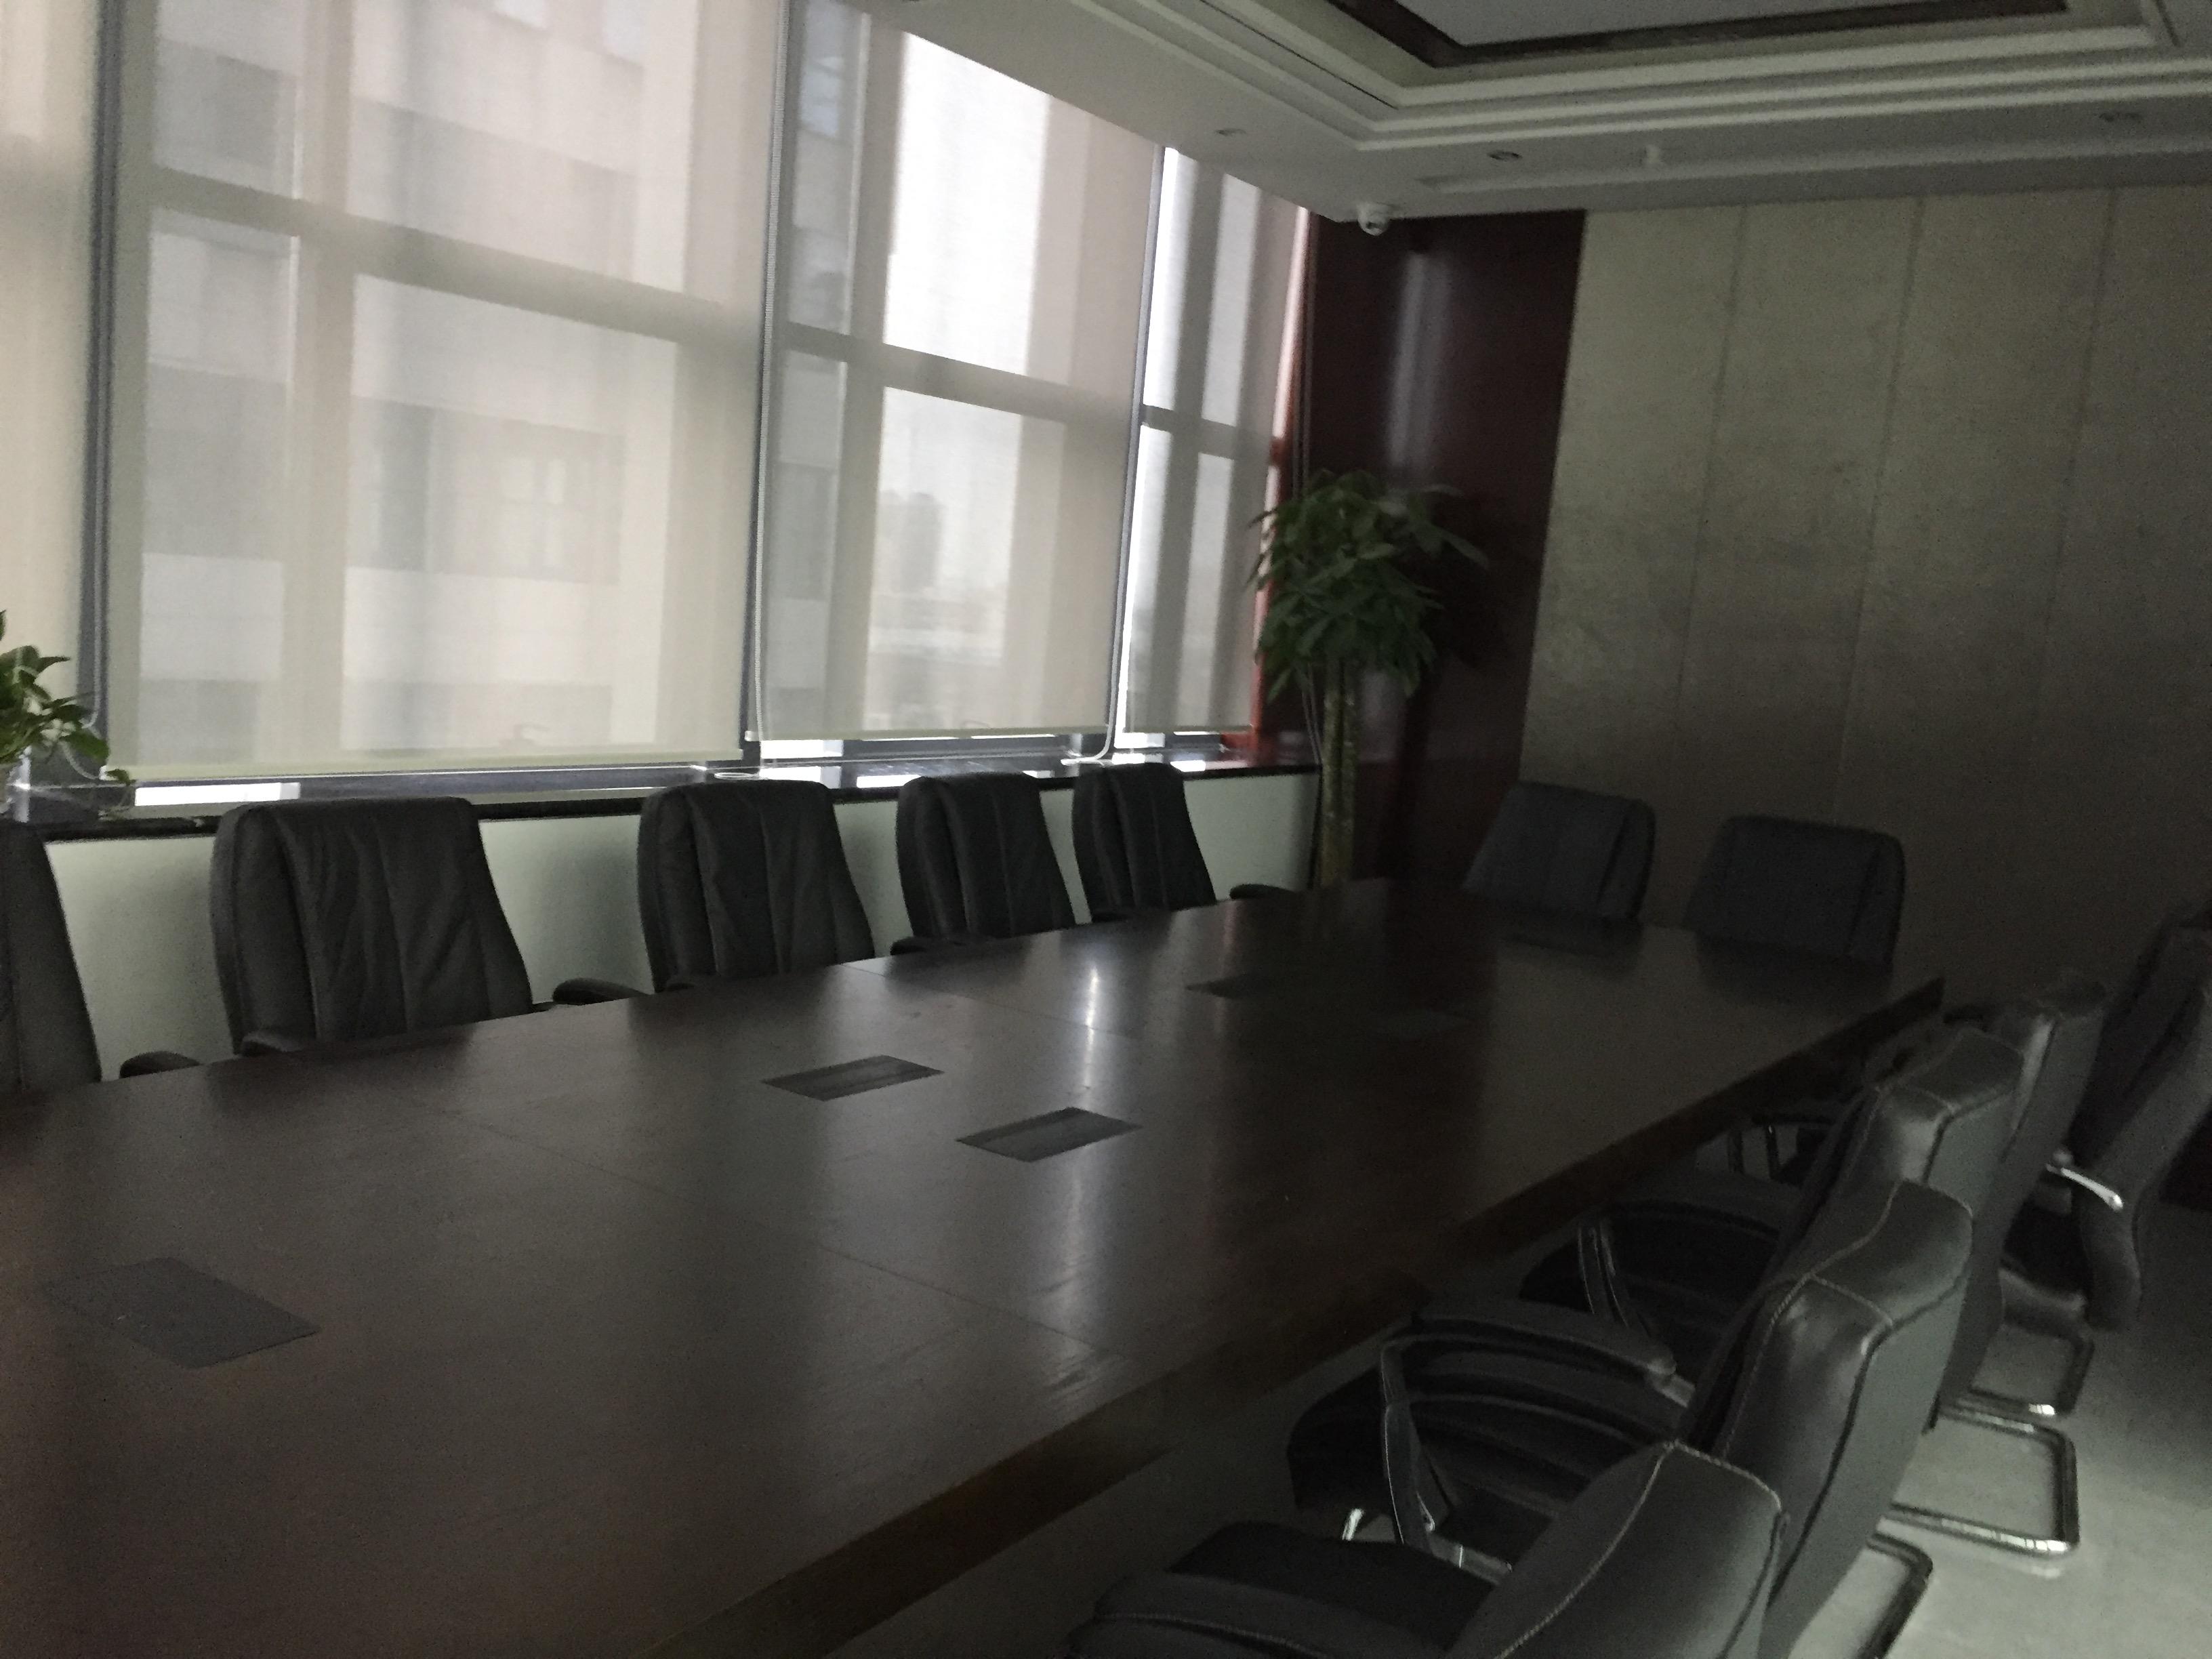 聚合诚会议室